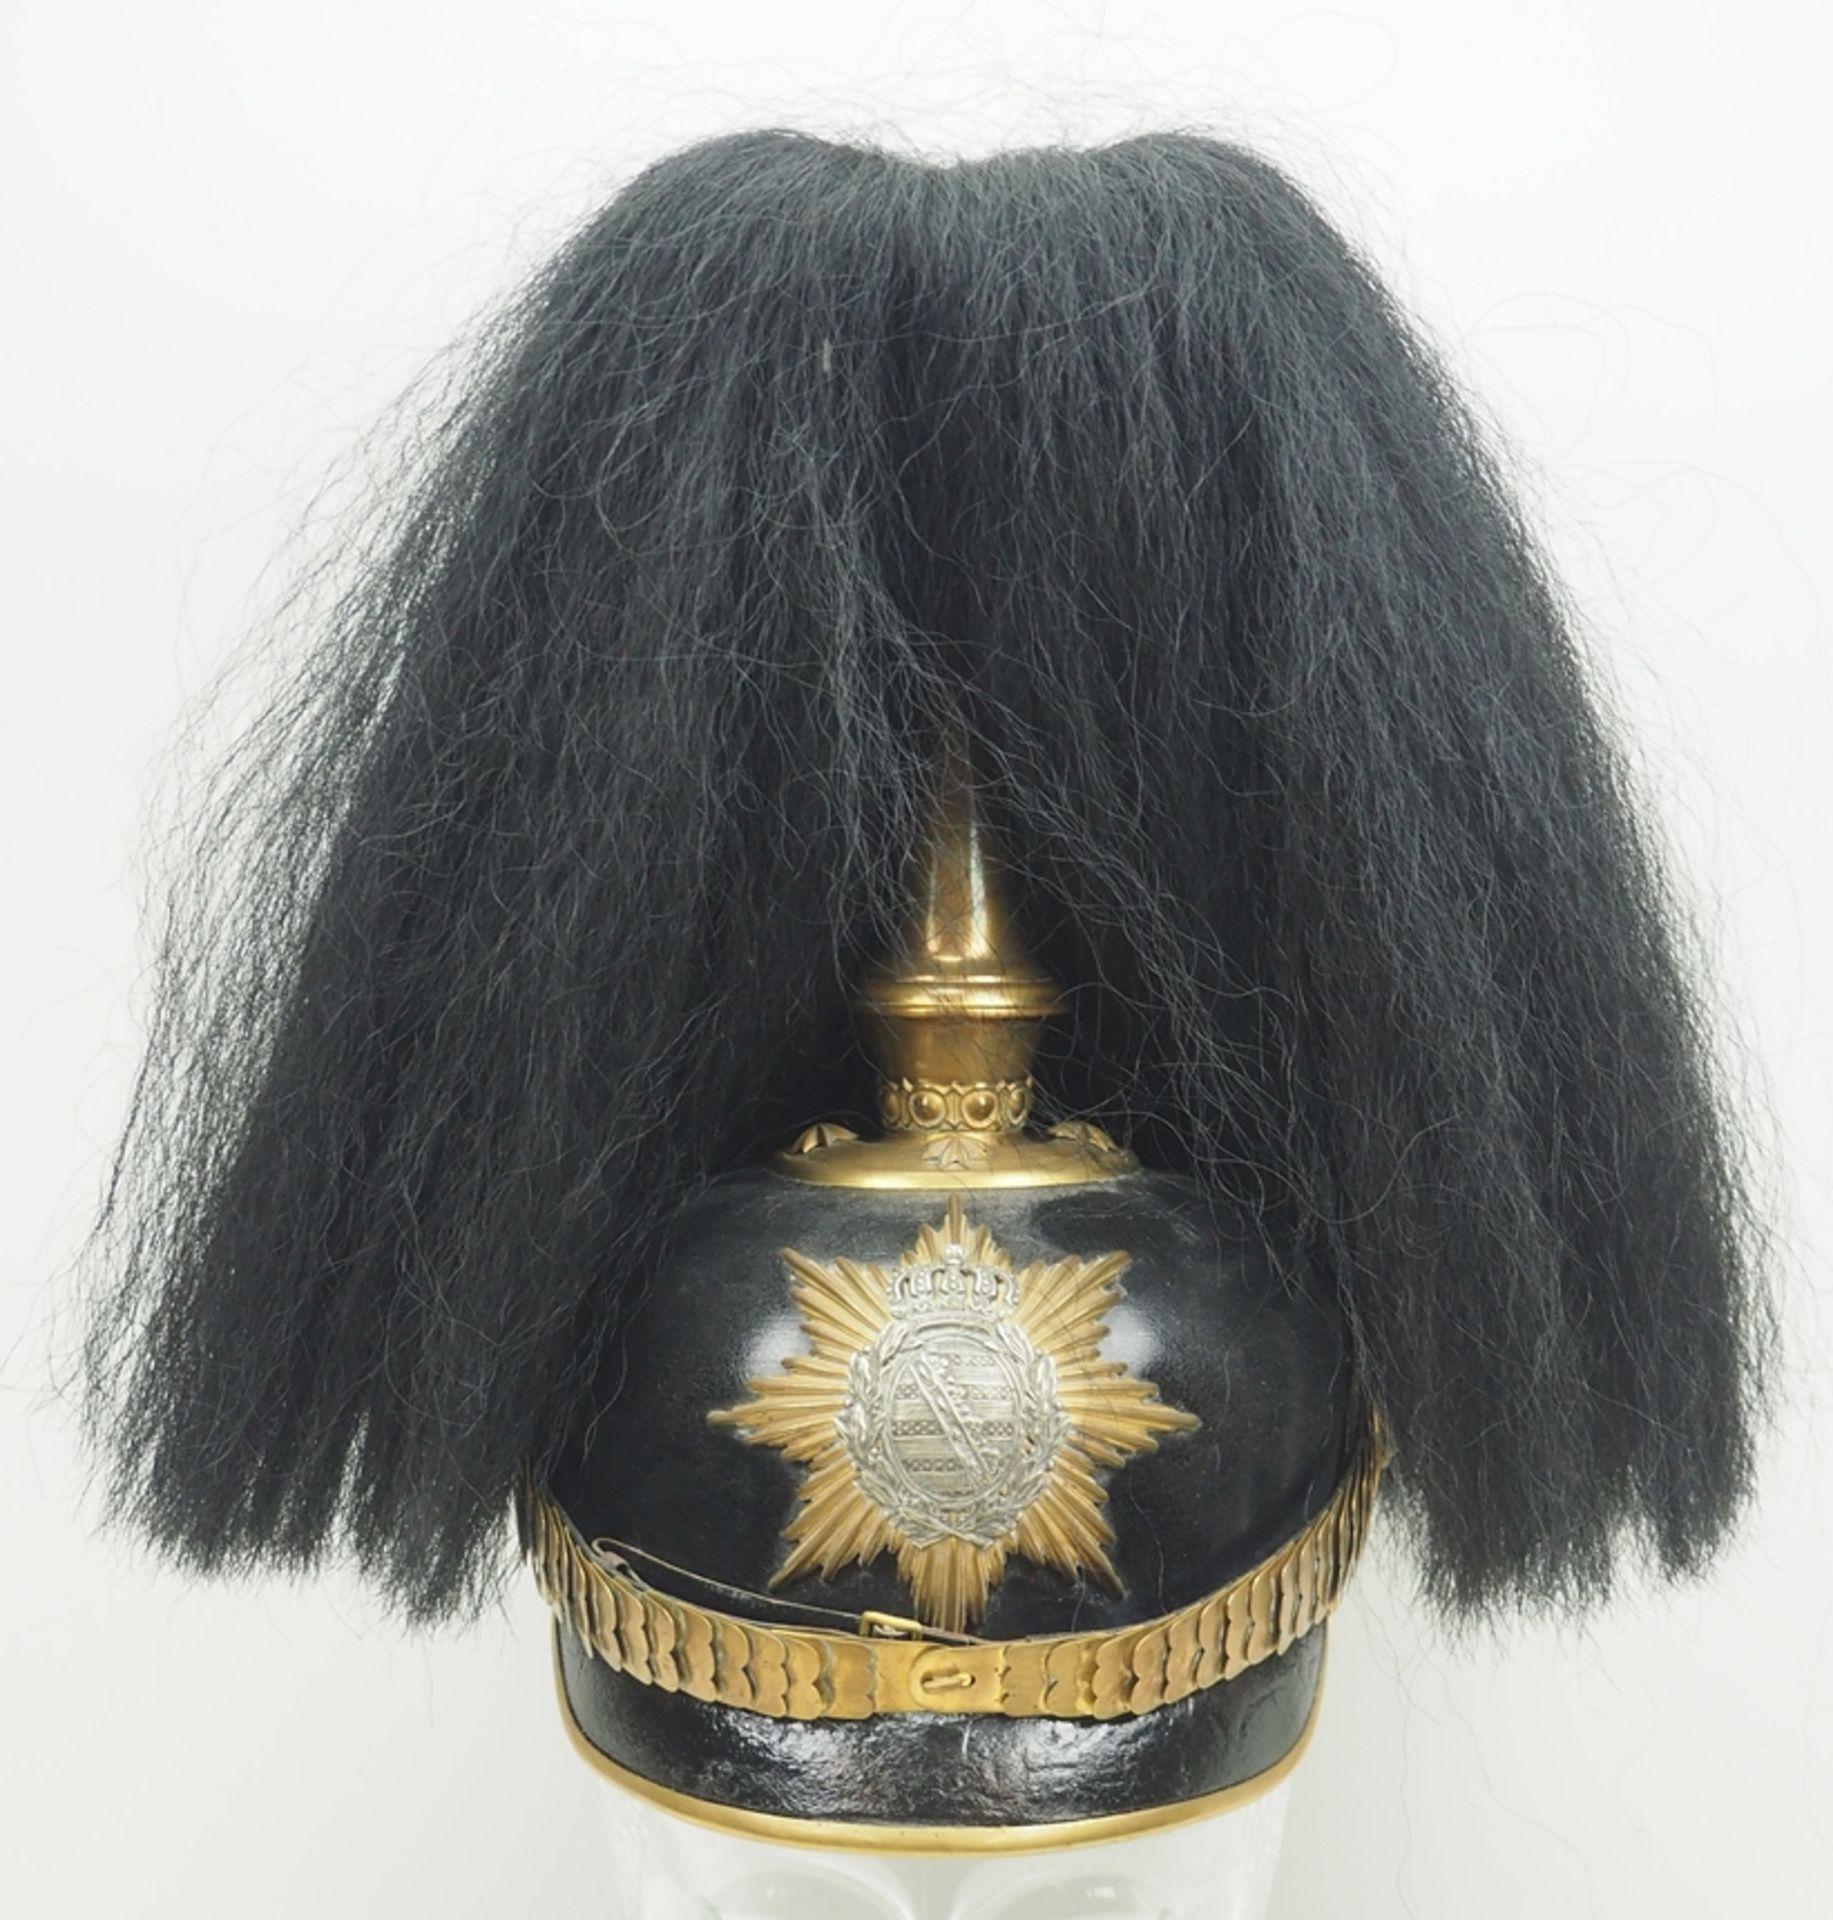 Sachsen: 2. Königlich Sächsisches Grenadier-Regiment Nr. 101, Helm für Offizier - Bild 2 aus 5